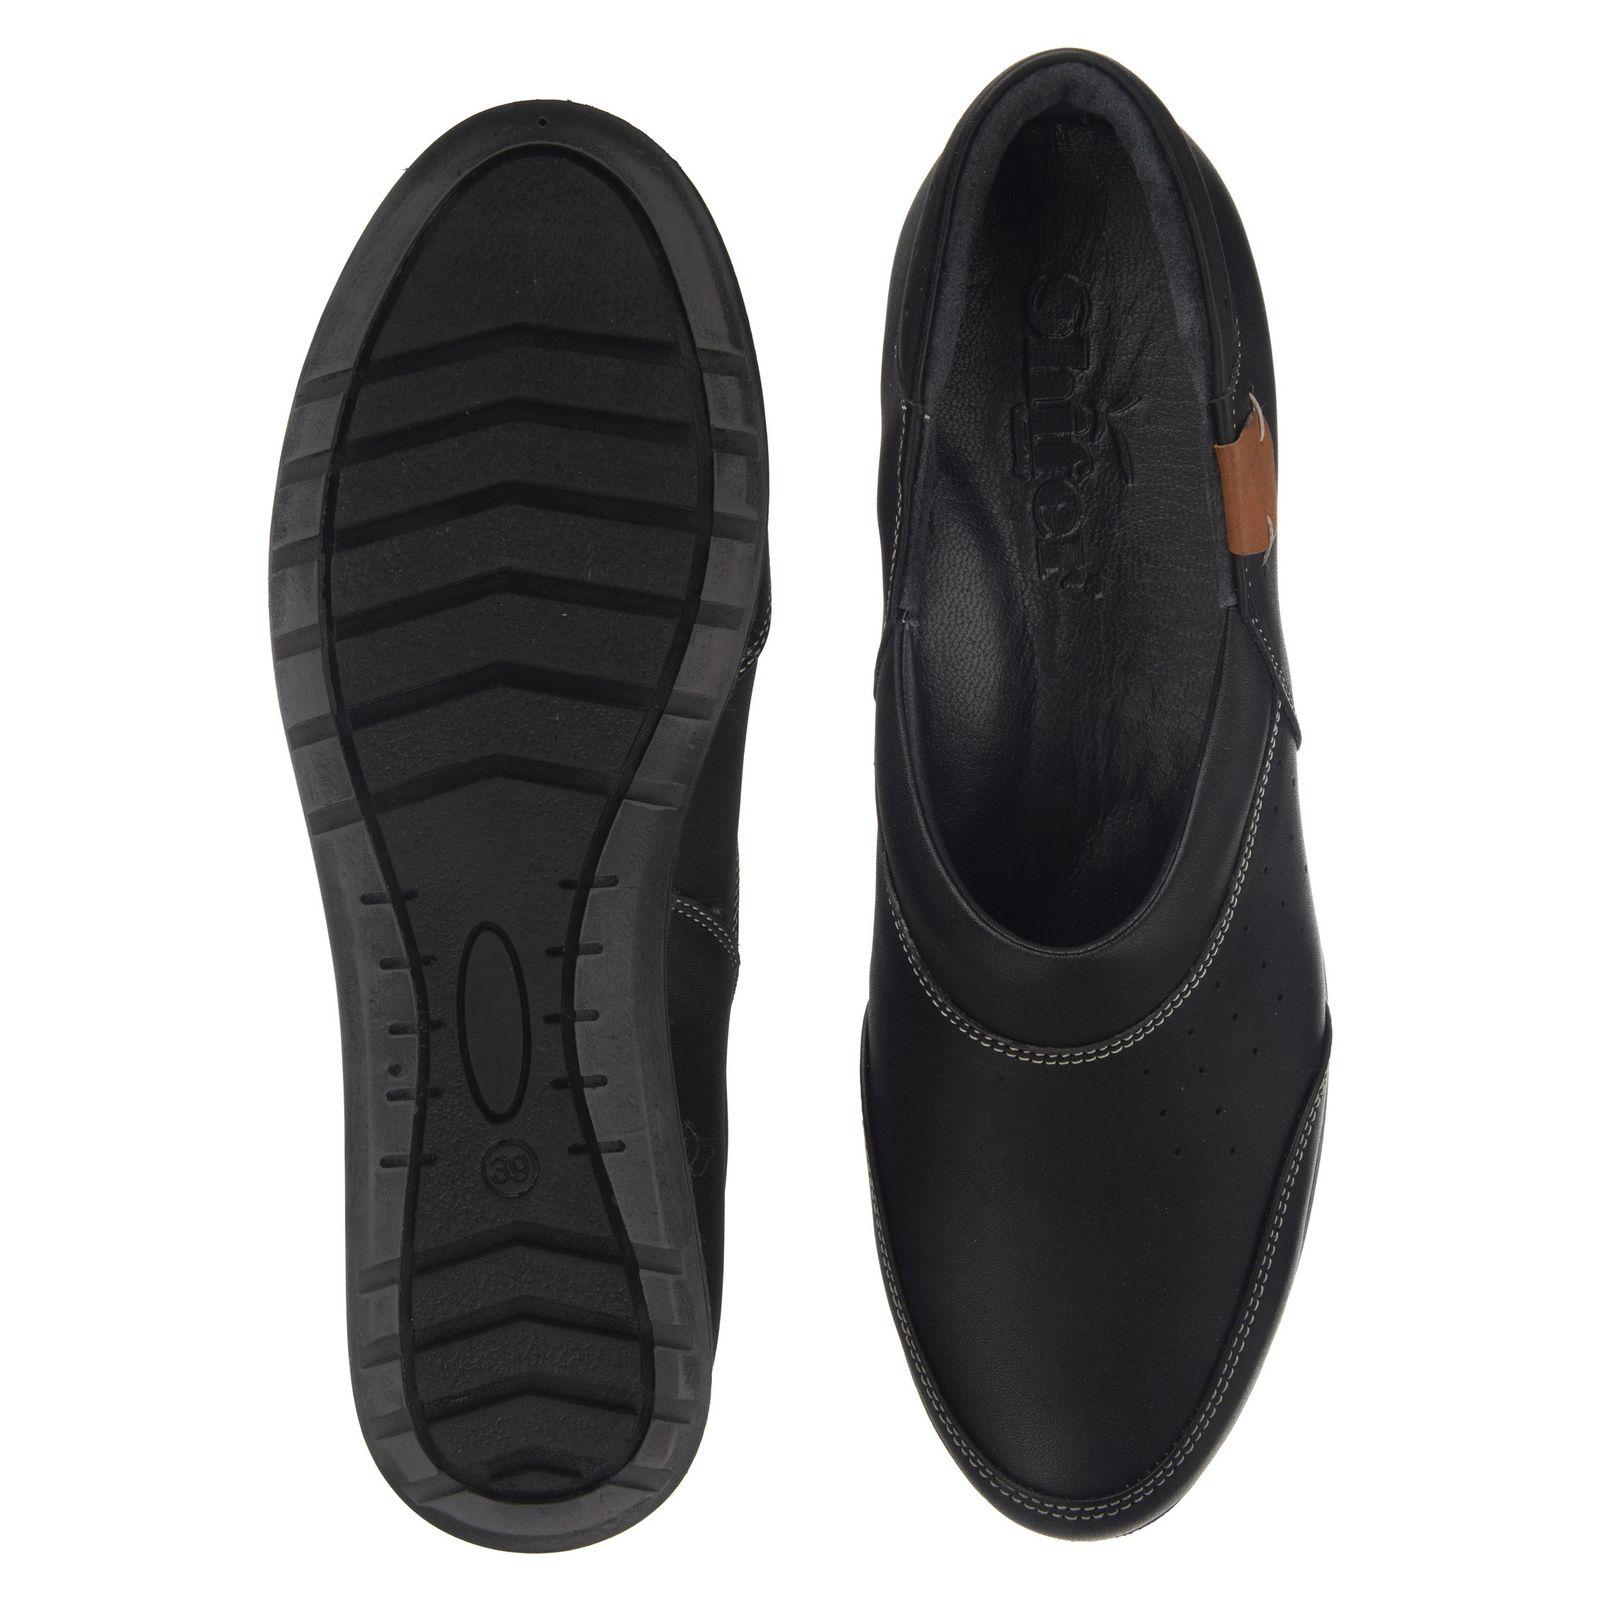 کفش روزمره زنانه شیفر مدل 5181B-101 - مشکی - 4